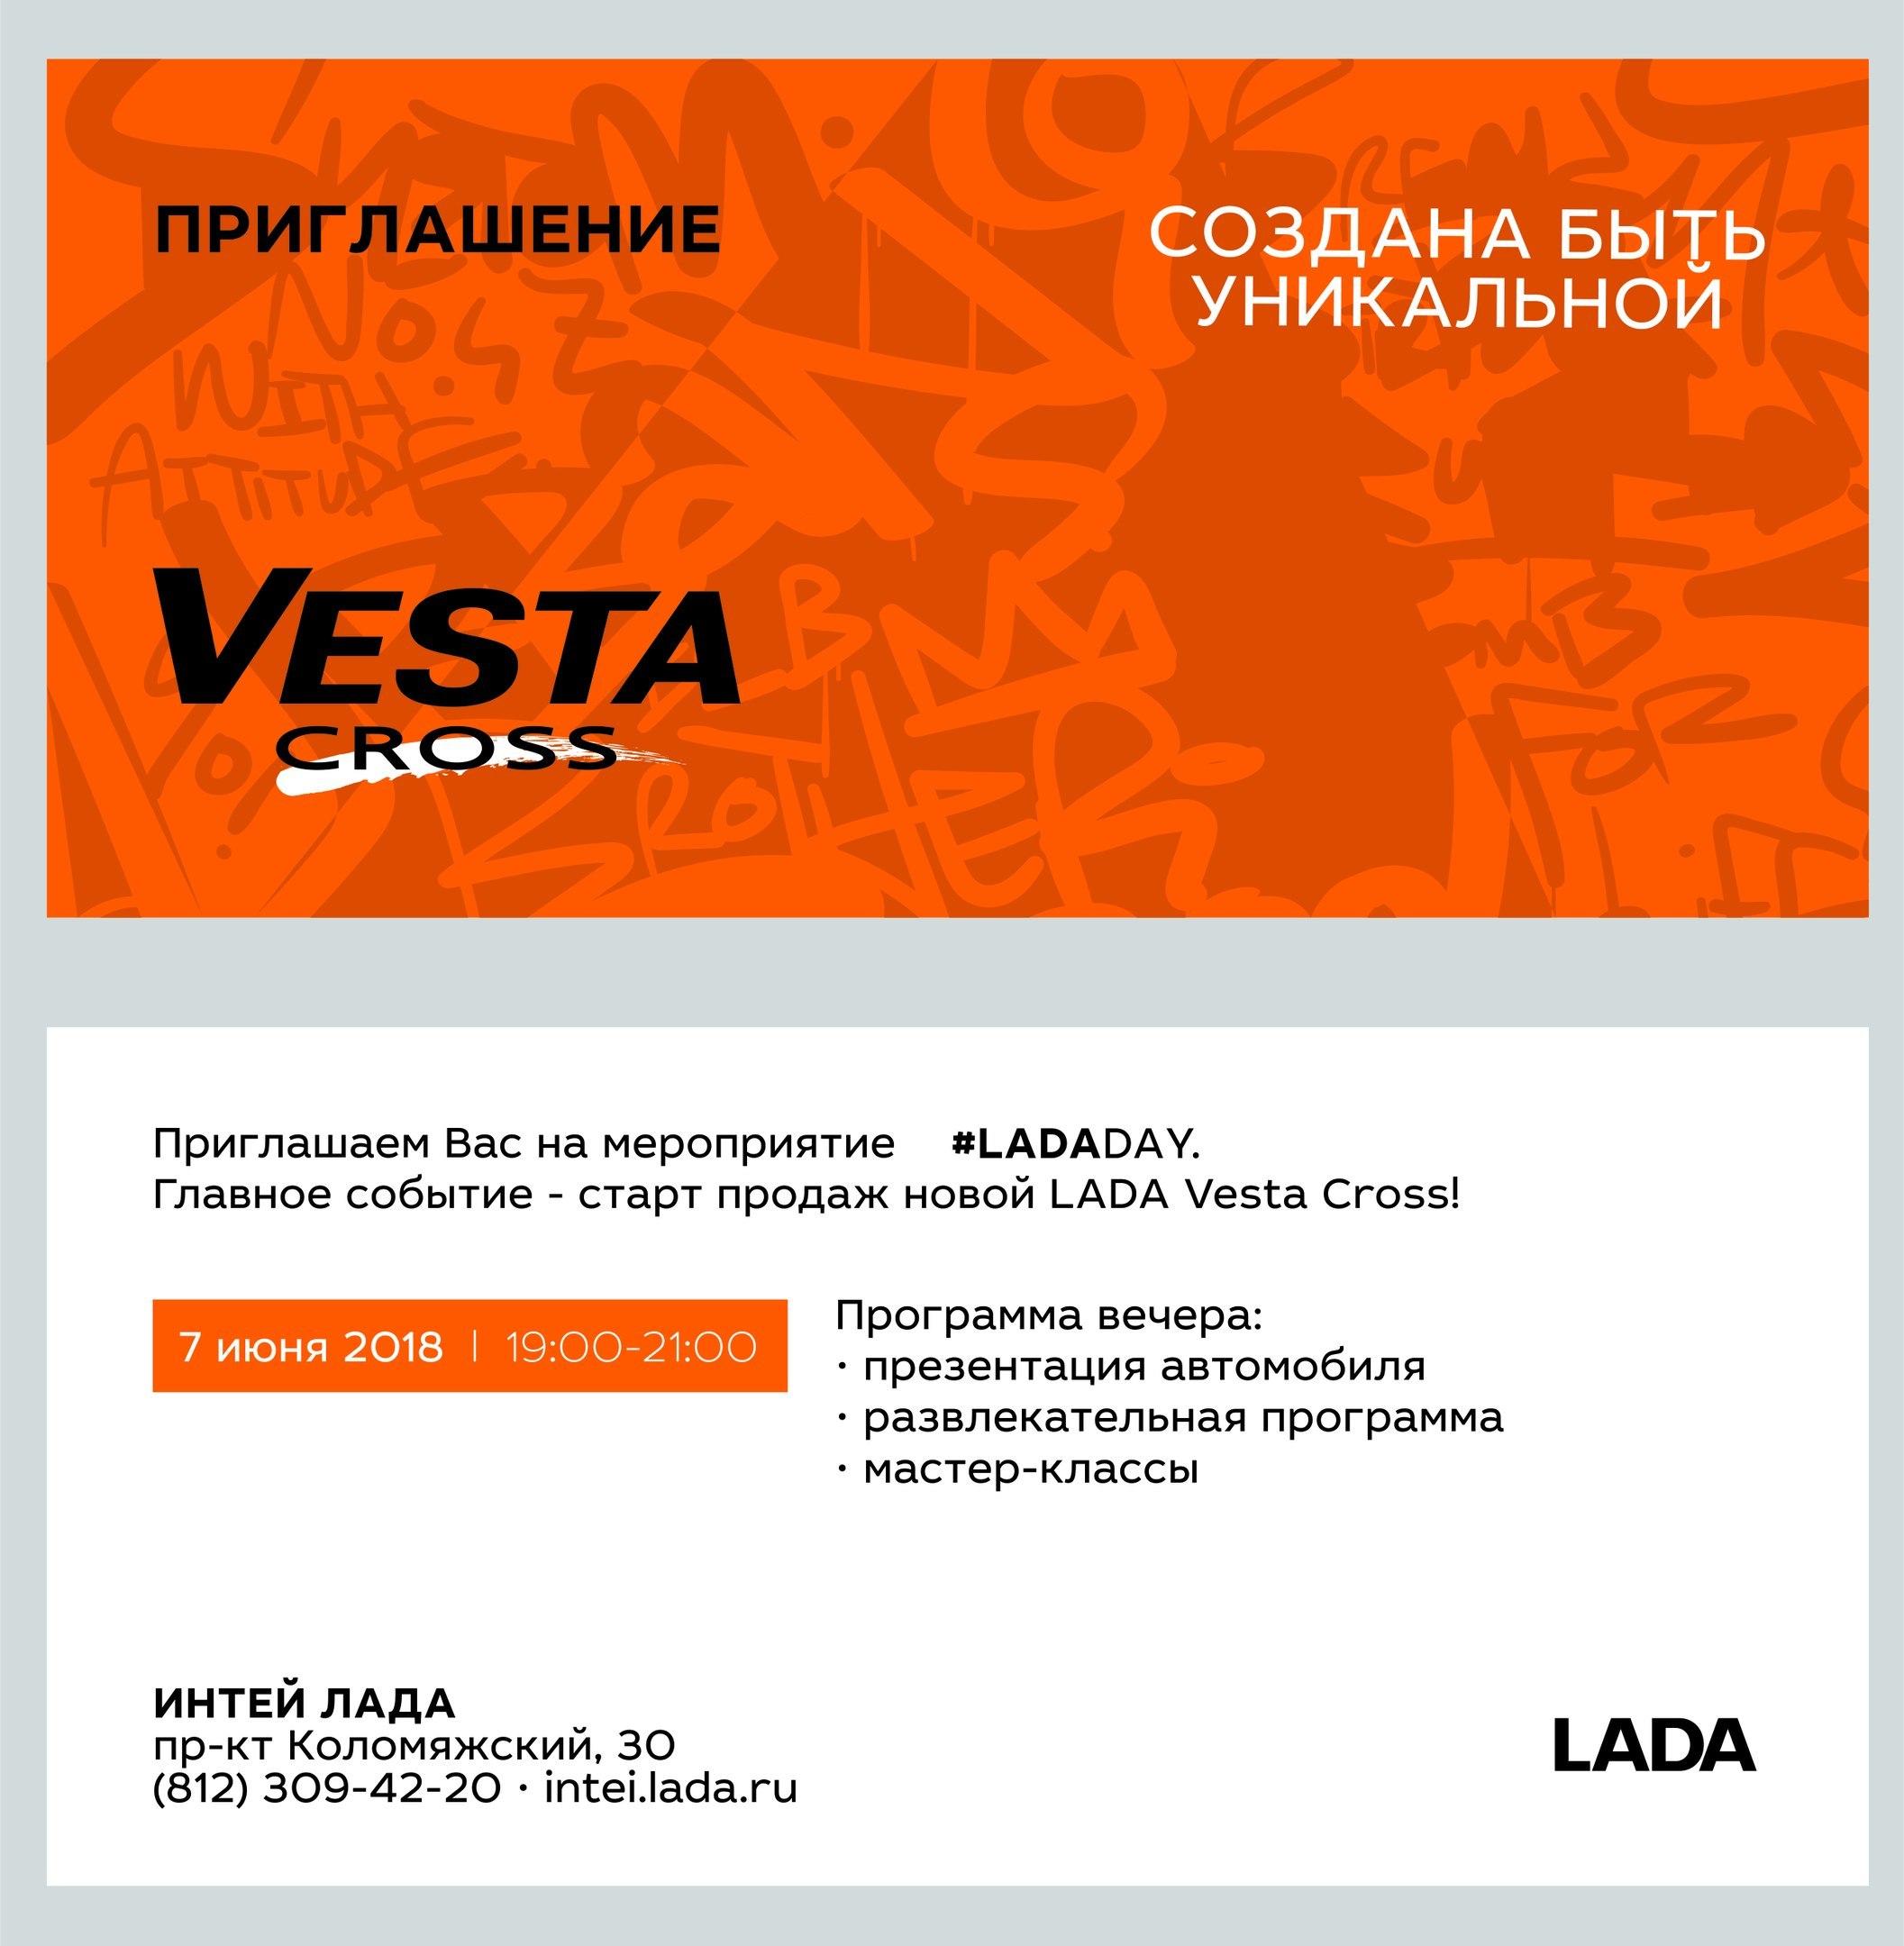 Презентация новой lada vesta se cross 7 июня!